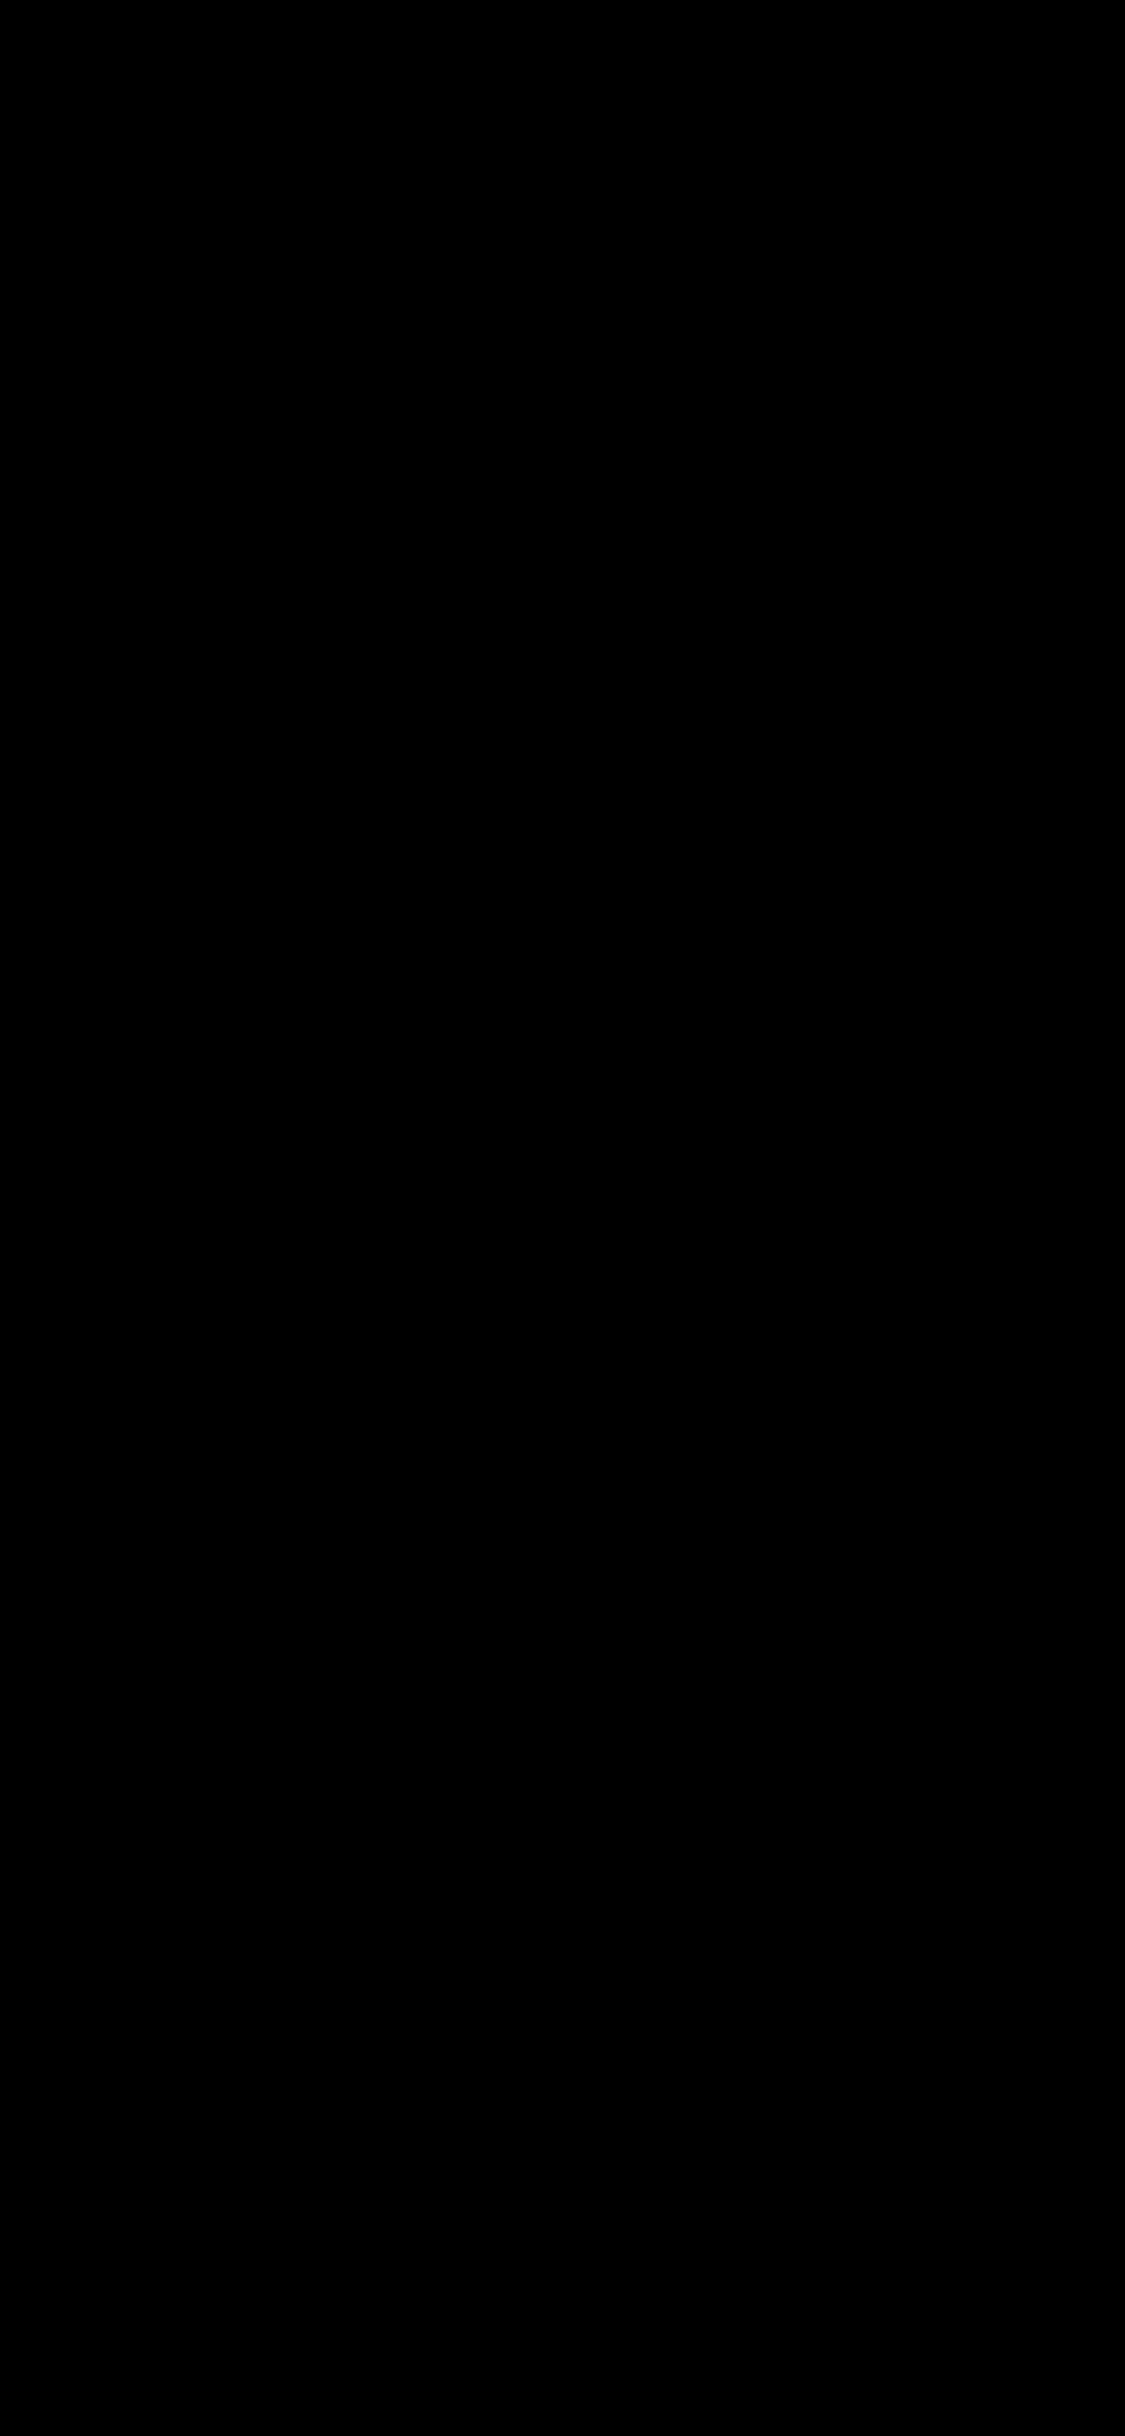 Black Wallpaper Sc Iphonex